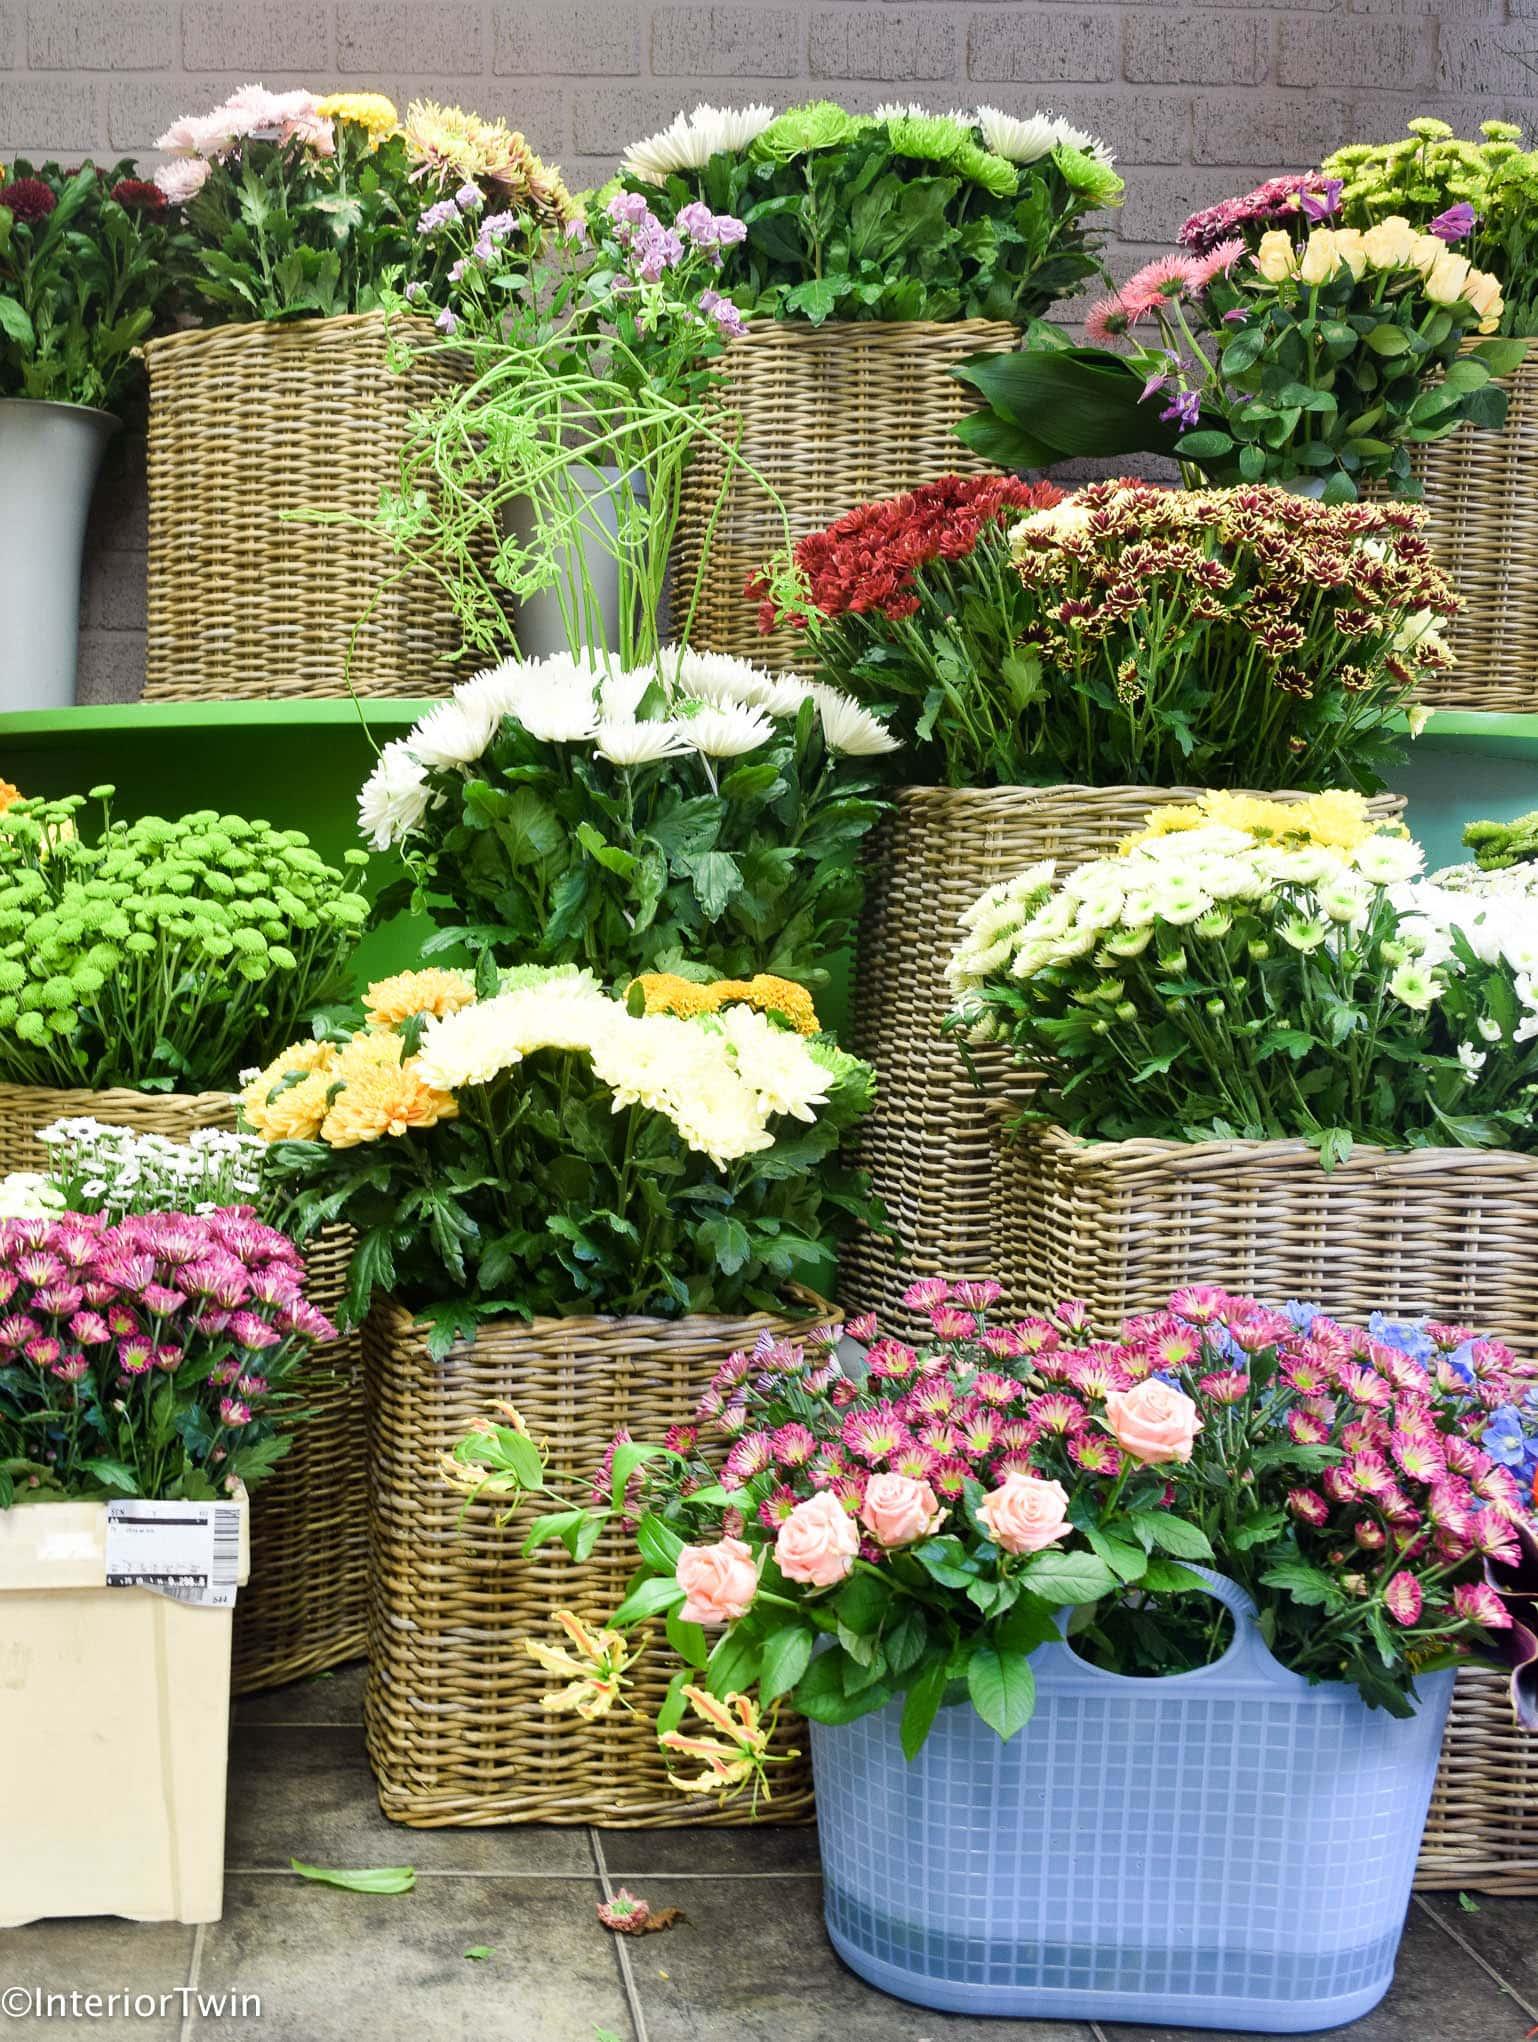 Chrysanten en andere bloemen